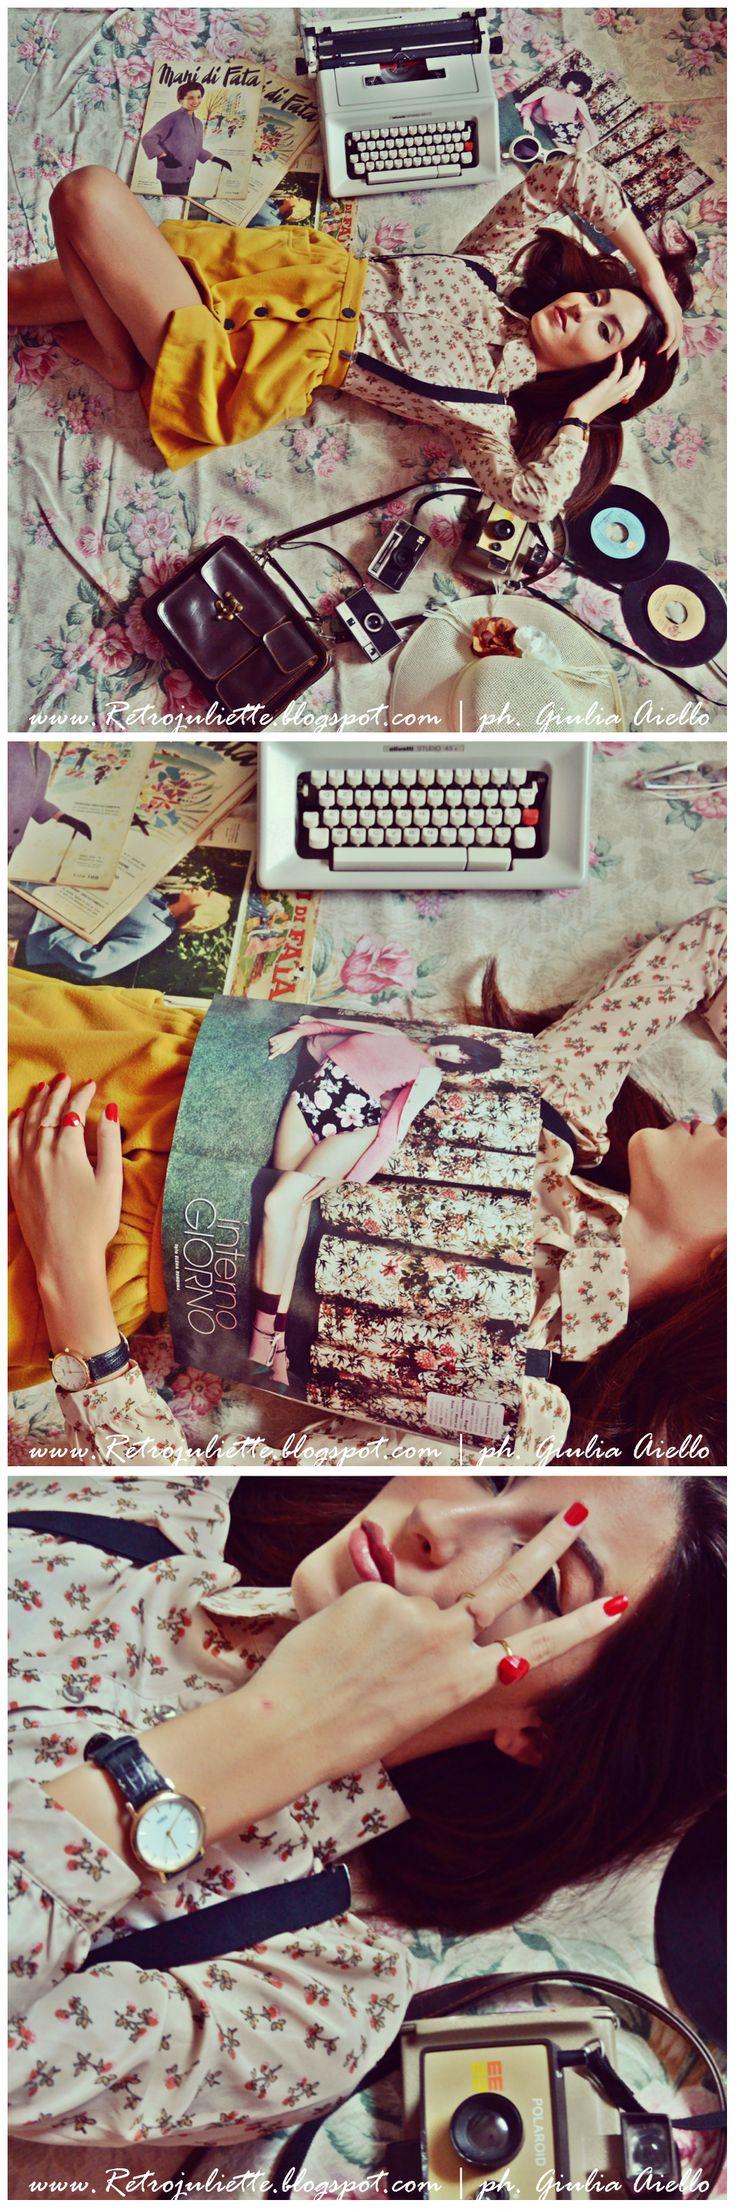 """www.Retrojuliette.blogspot.com La bellissima #Fashion #Blogger Giulia Aiello indossa #jewels #REDbold nel suo nuovissimo #outfit per l'autunno #2014! www.REDbold.etsy.com """"L'autunno ha già varcato le porte, ma le belle giornate tardano a lasciarci. Retro Juliette approfitta delle luci più tenui e i colori più pacati per mostrare un outfit #vintage dove a predominare sono il beige, il giallo canarino e il tema floreale!"""" FB Giulia Aiello ph. Giulia Aiello"""